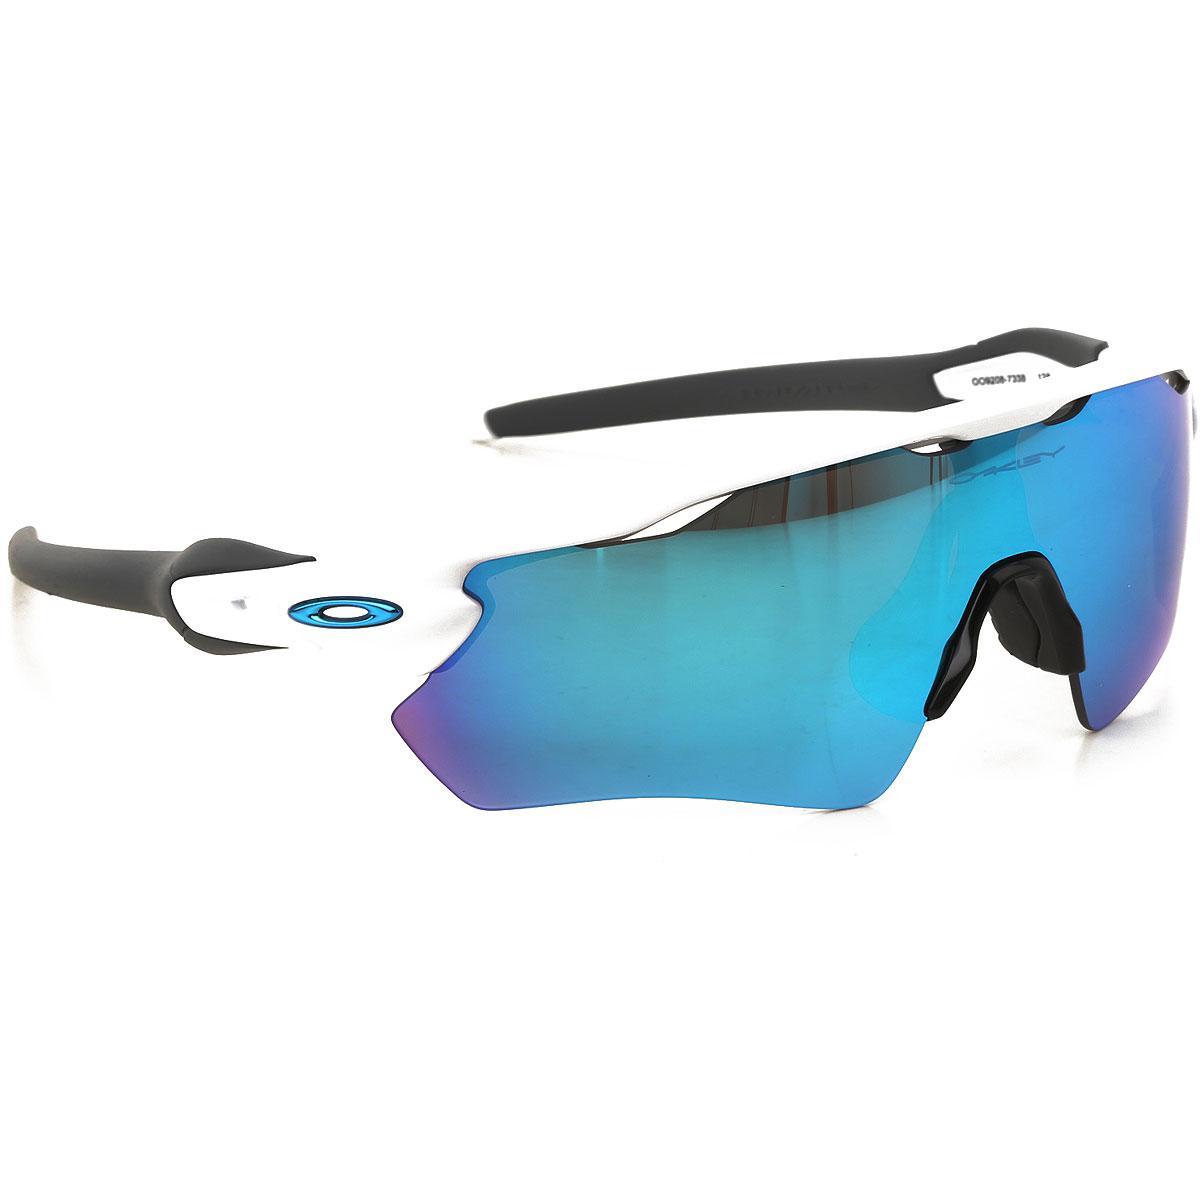 bee25133f98d6 Lyst - Gafas de Sol Baratos en Rebajas Oakley de hombre de color Blanco